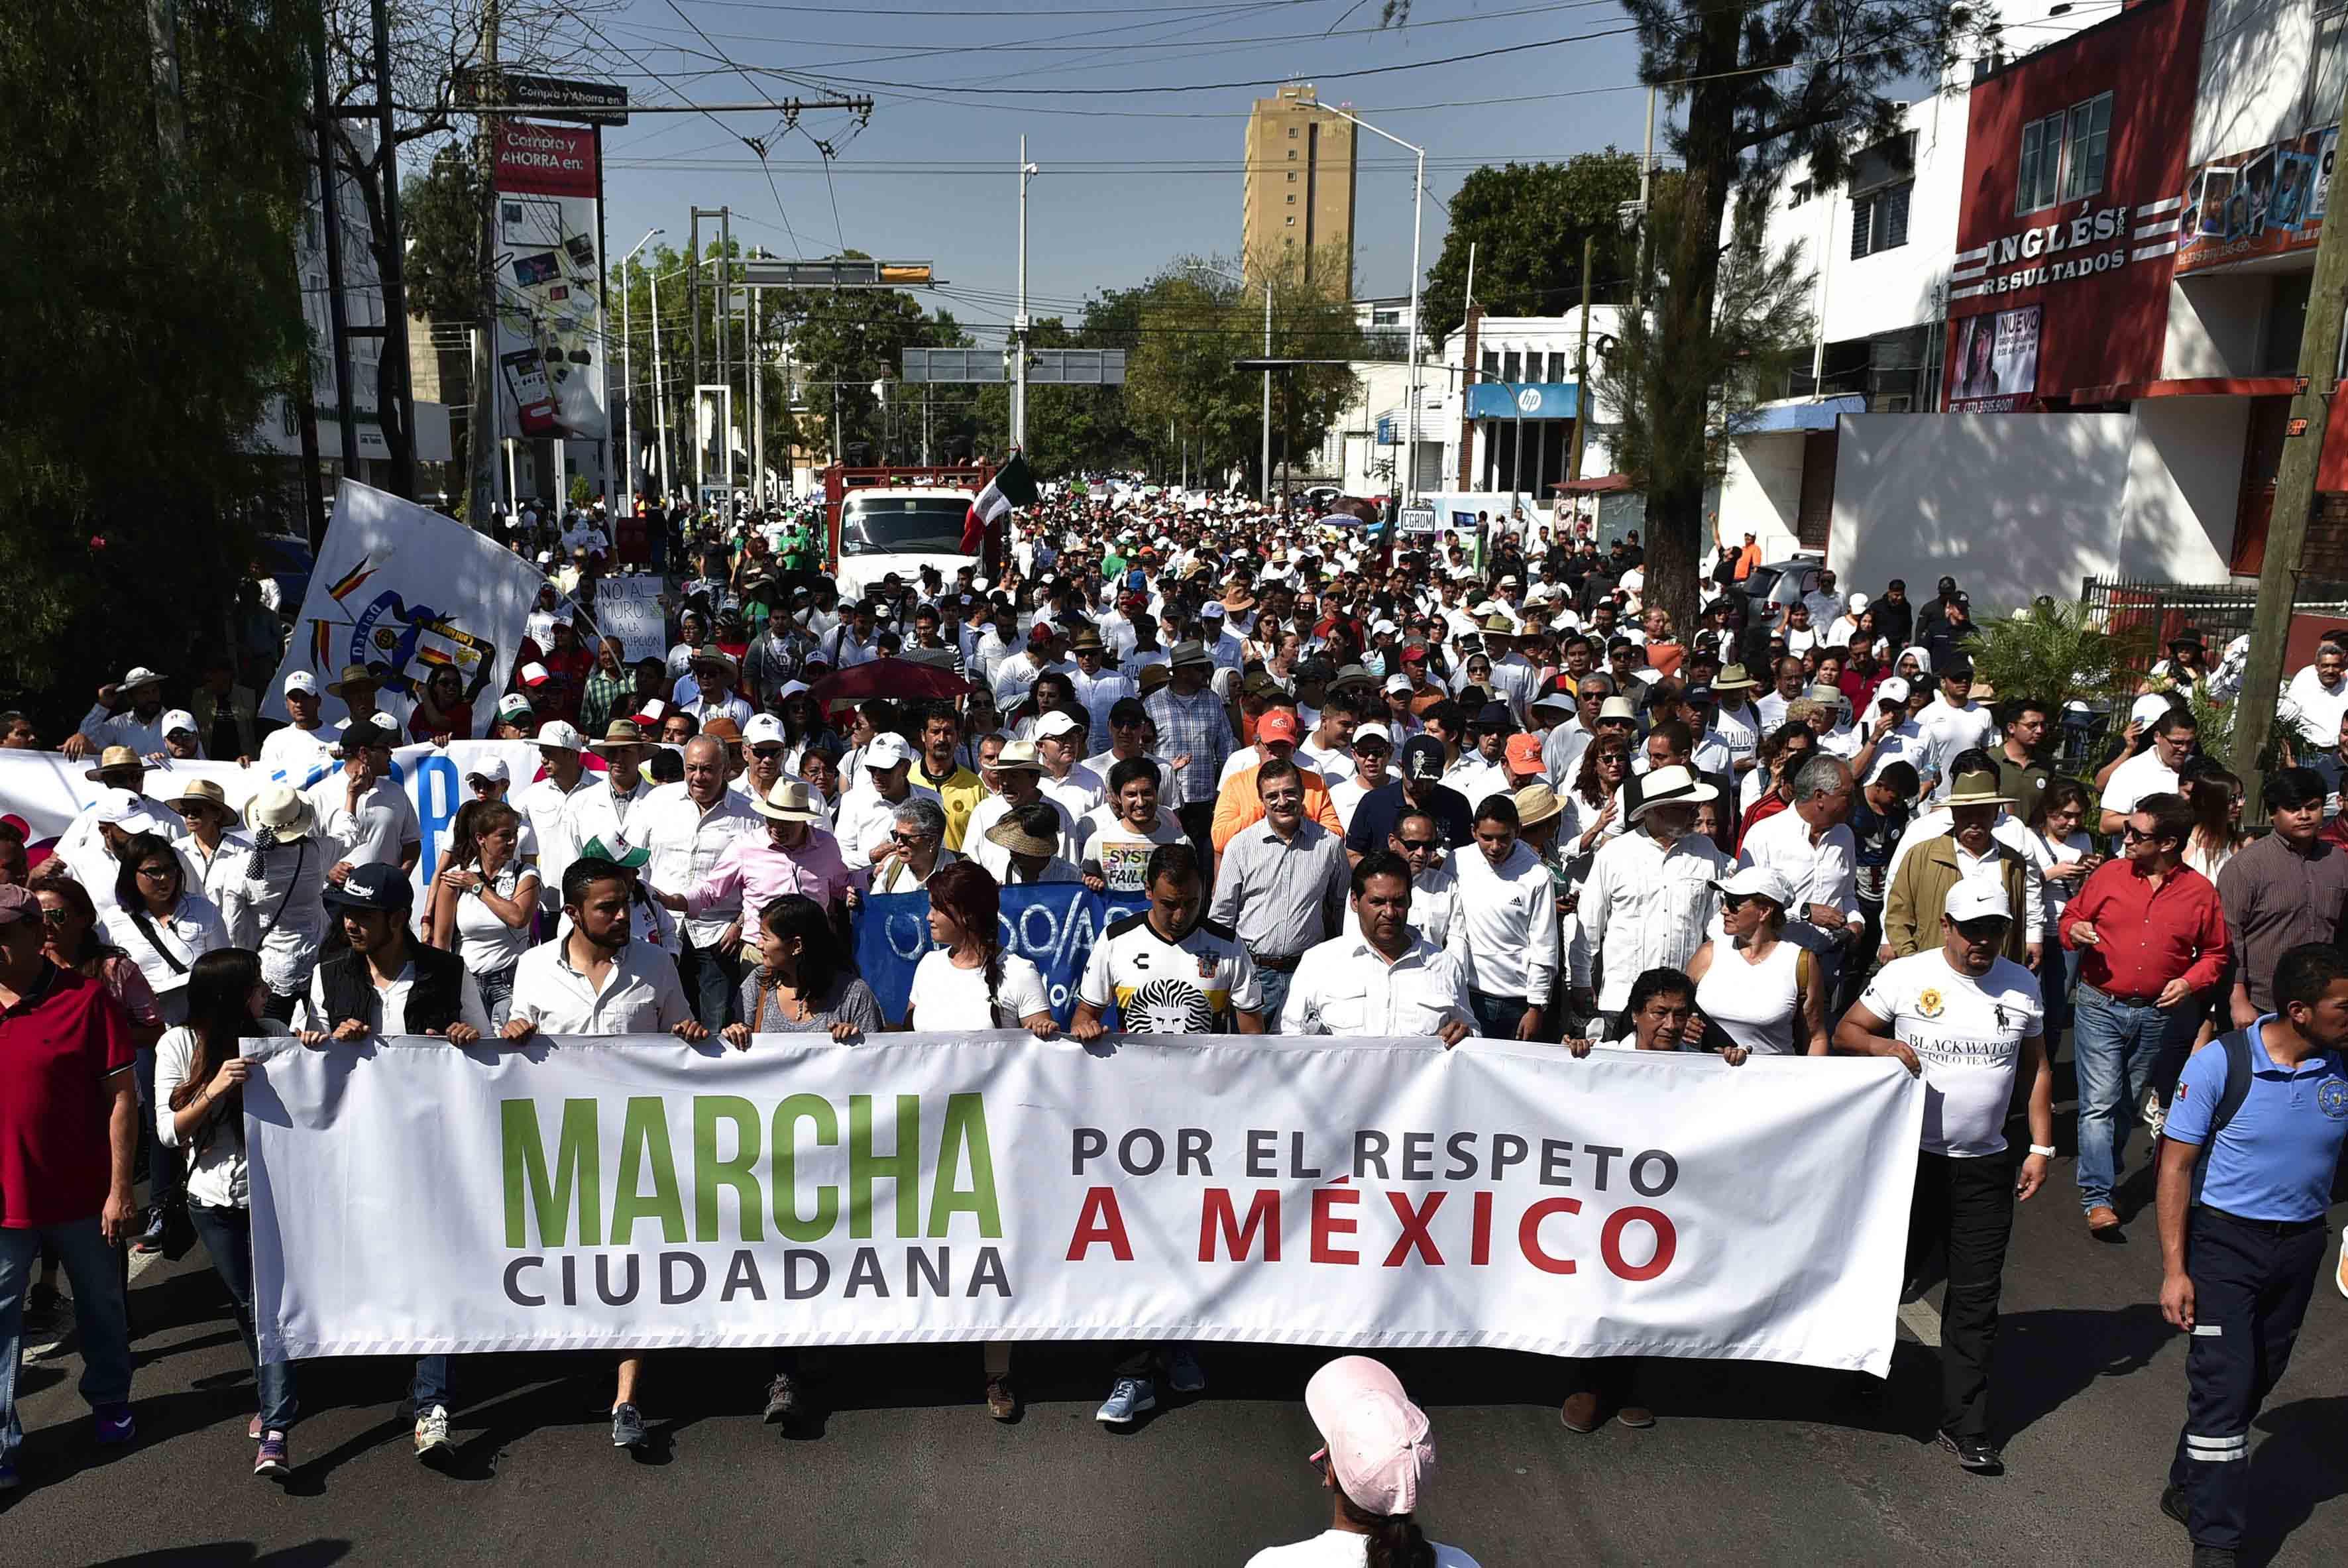 Estudiantes, académicos y directivos de la Universidad de Guadalajara (UdeG),  salieron a las calles a protestar en contra de los embates a México orquestados por el nuevo presidente de Estados Unidos, Donald Trump,